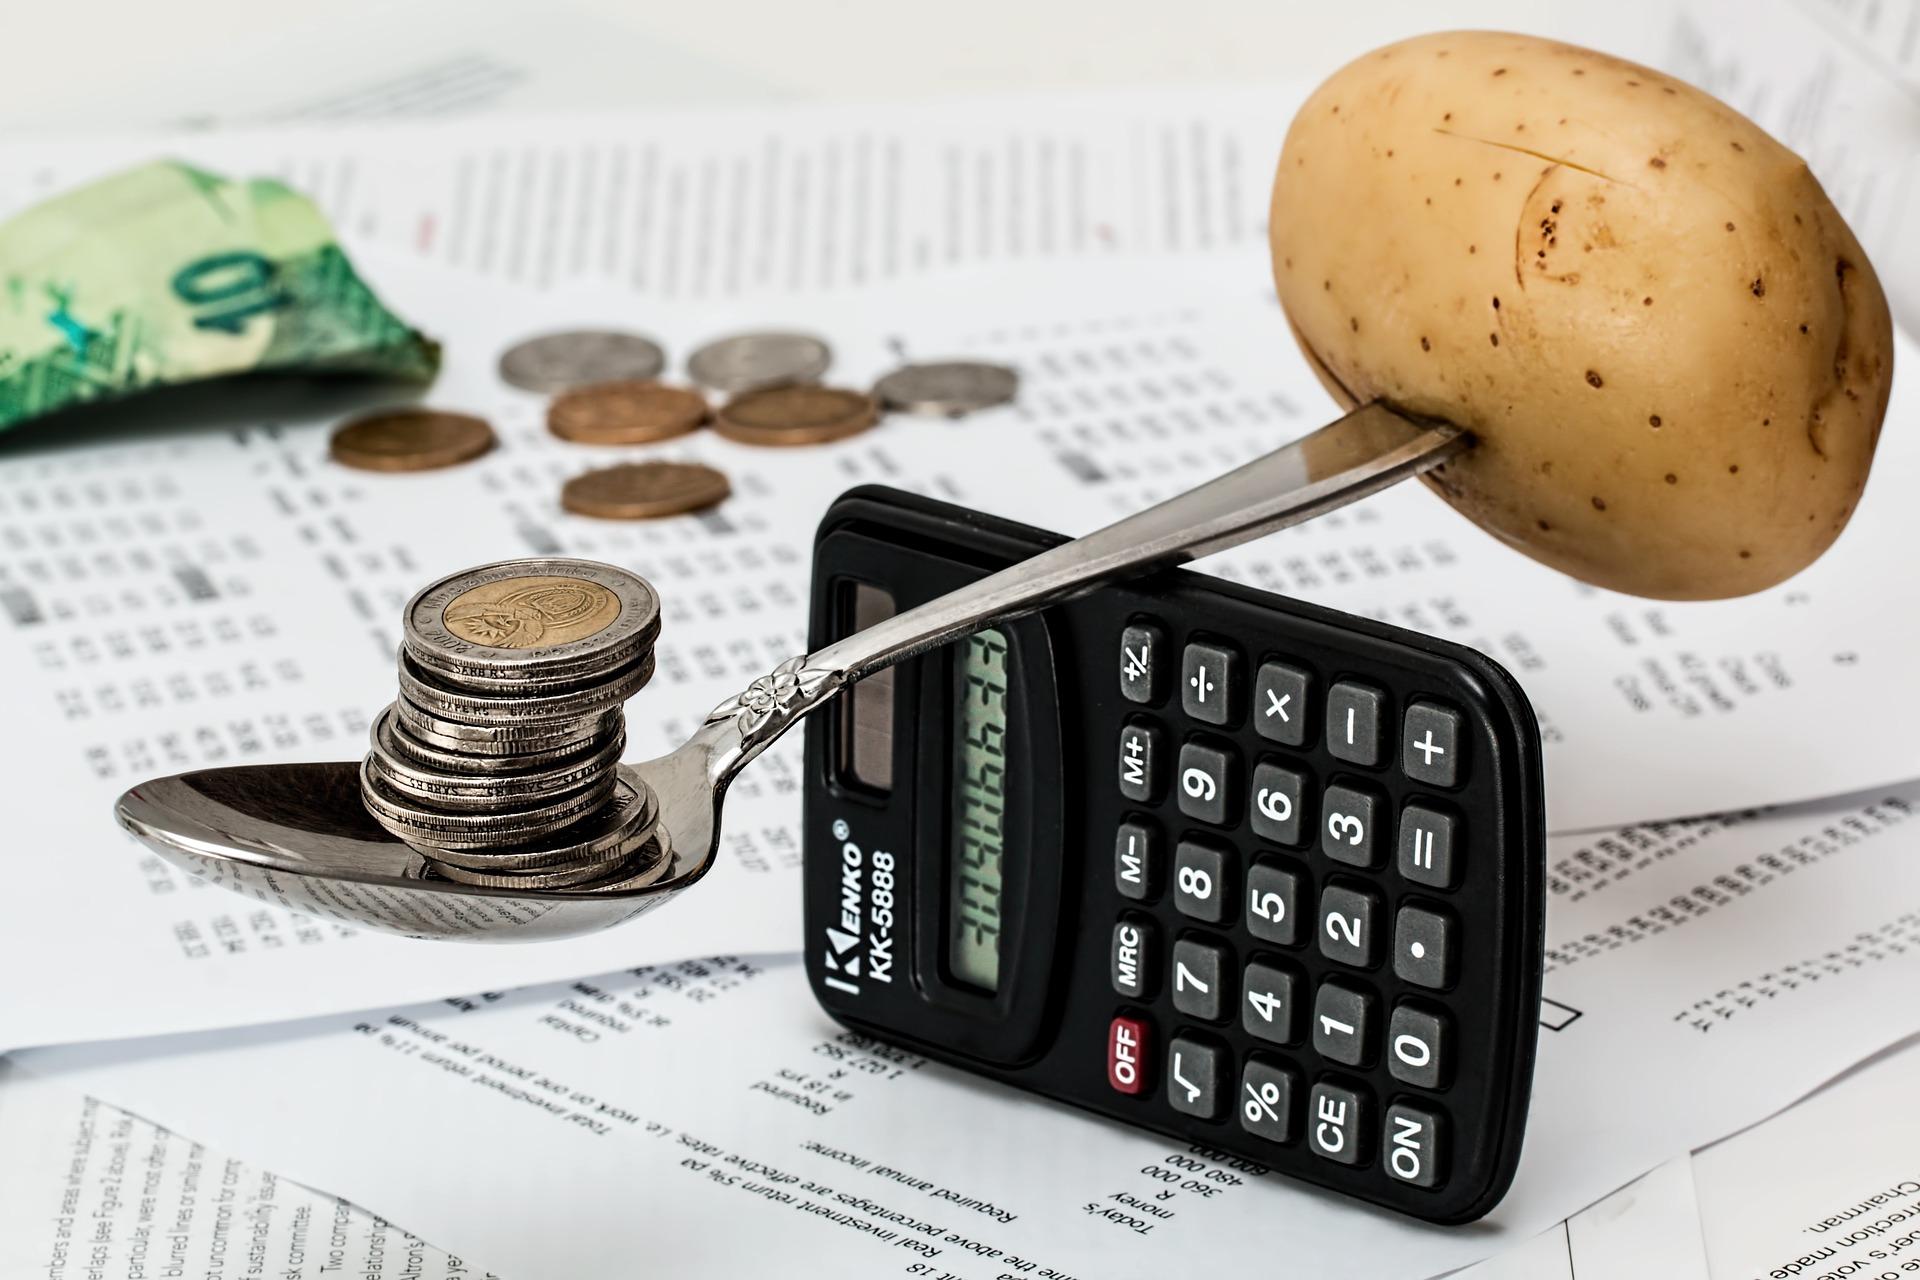 Löffel-Waage mit Münzen auf der einen und Kartoffeln auf der anderen Seite. Symbol für das bedingungslose Grundeinkommen.